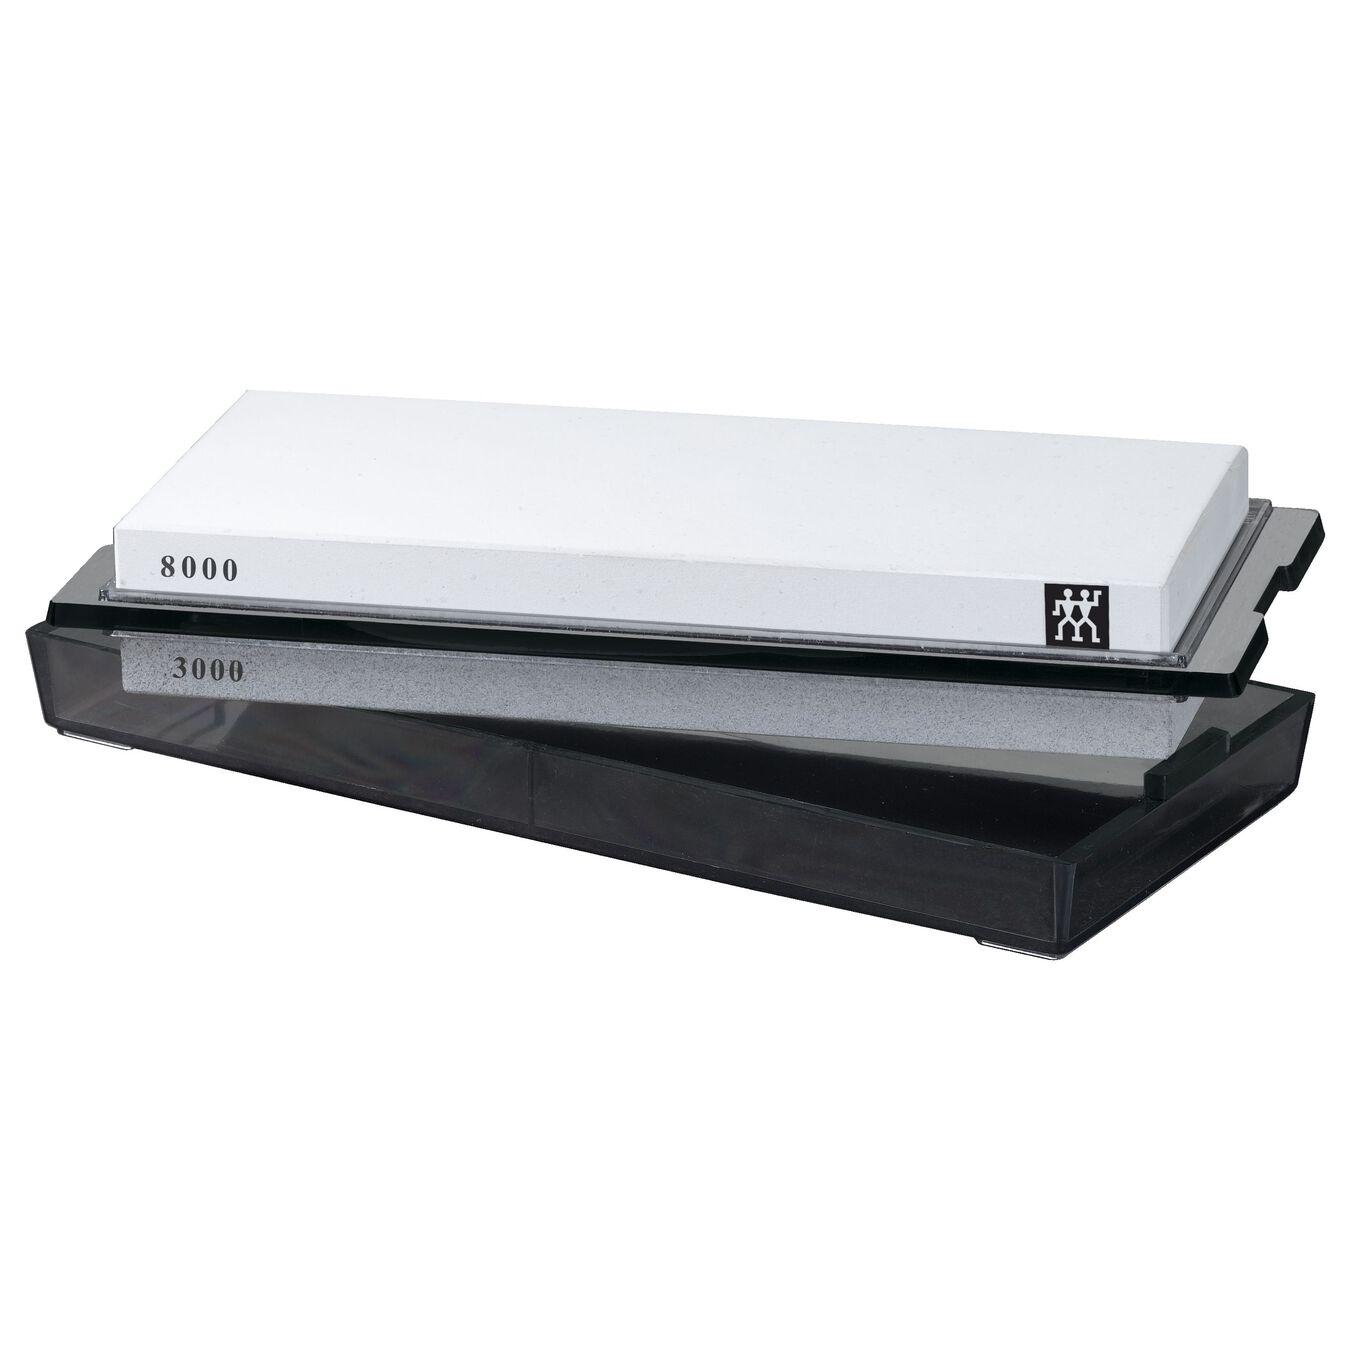 Pietra per affilare - 20 cm, ossido di alluminio, Colore bianco puro,,large 3